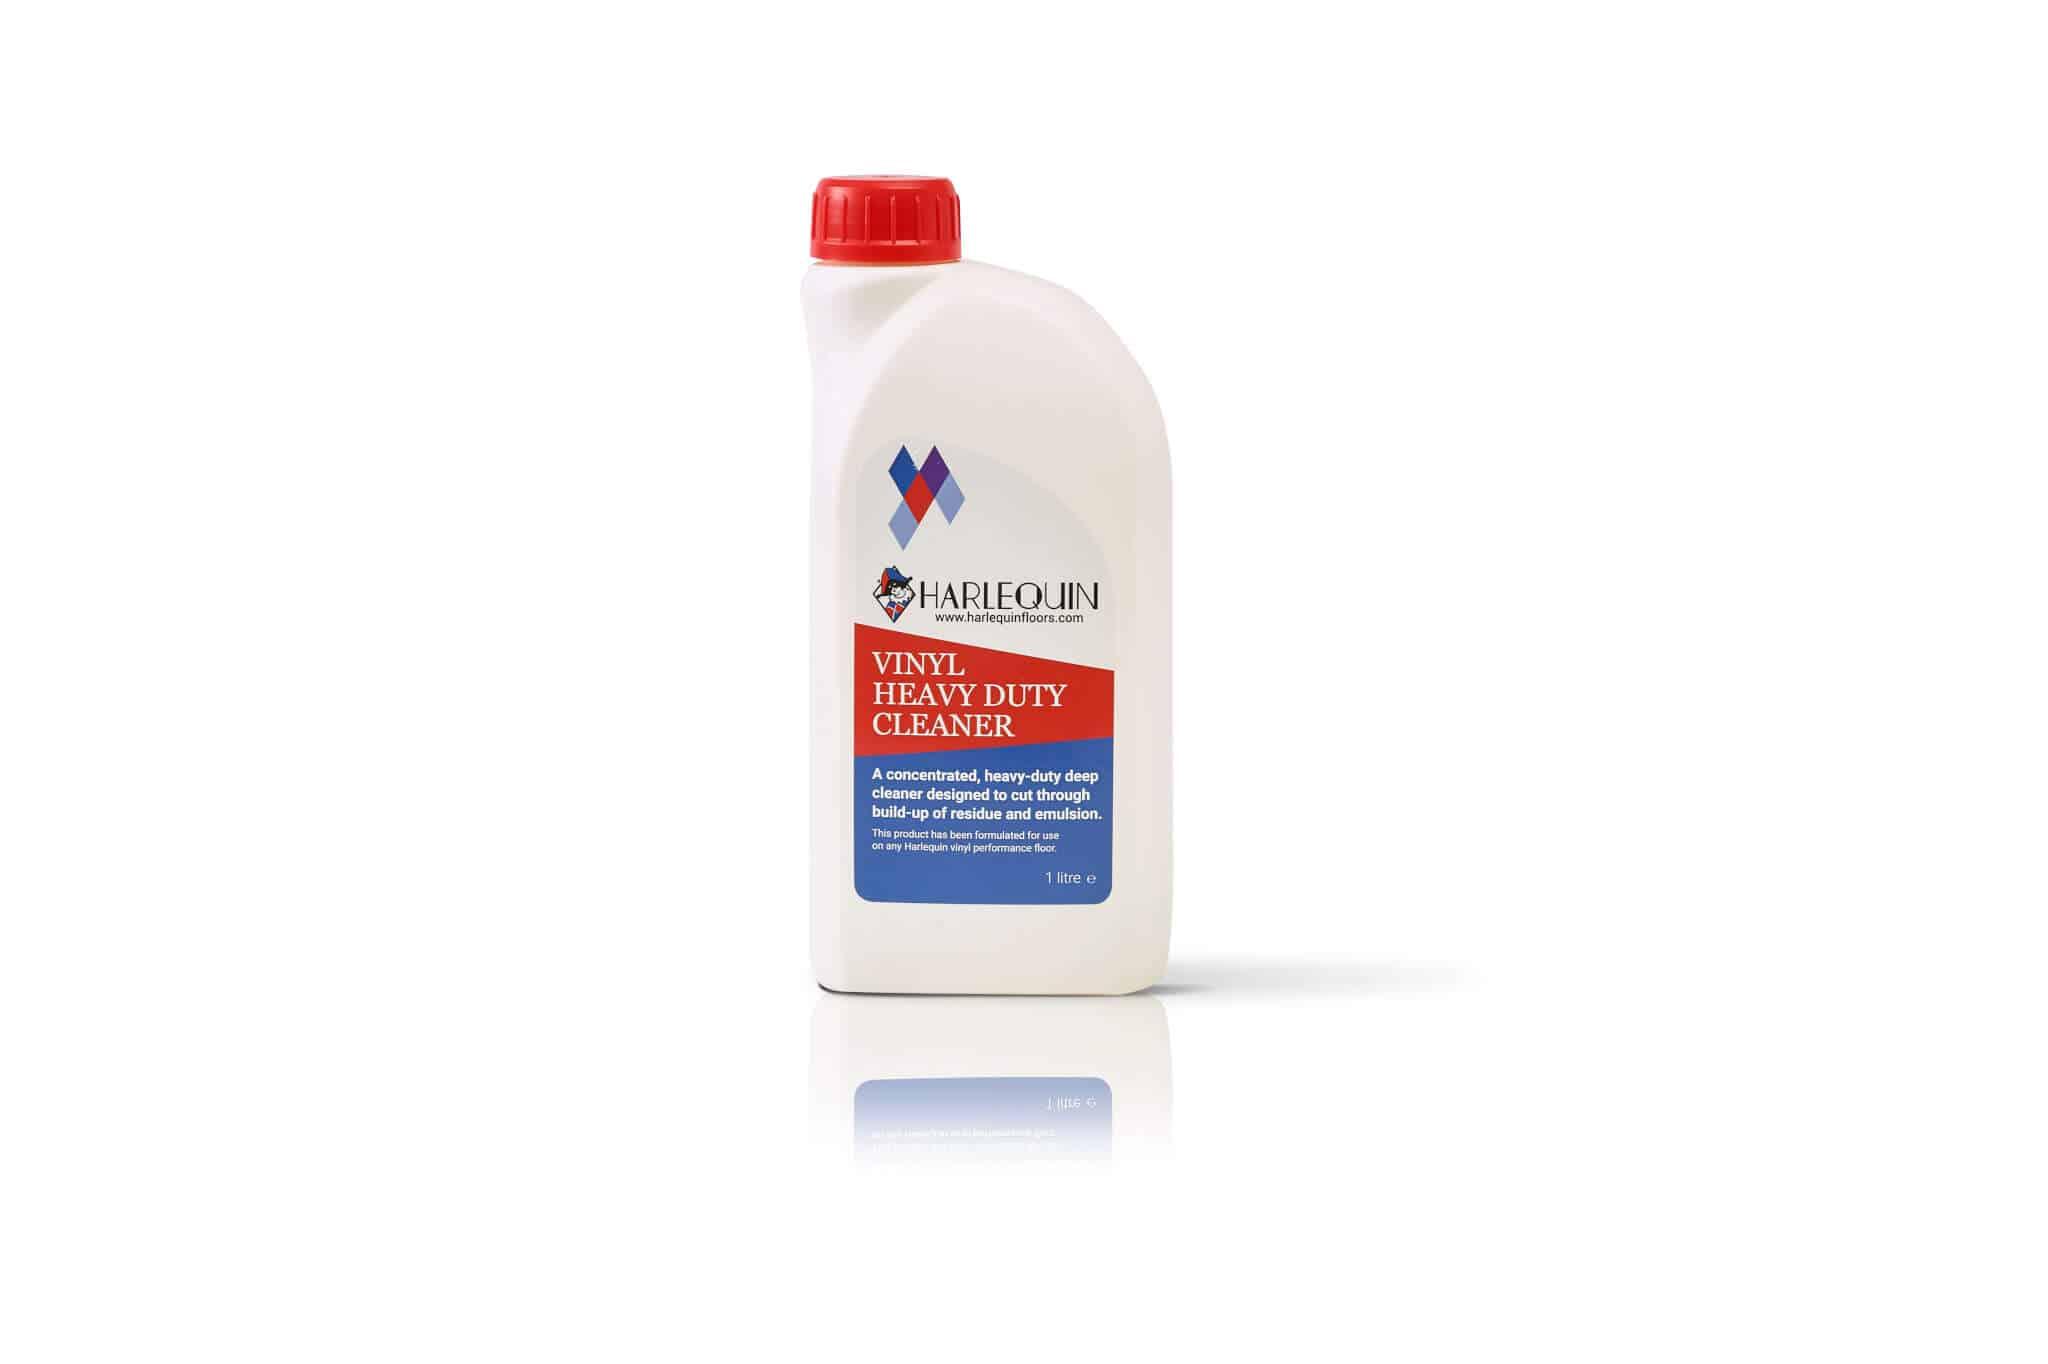 Harlequin Heavy Duty Cleaner in einer Literflasche